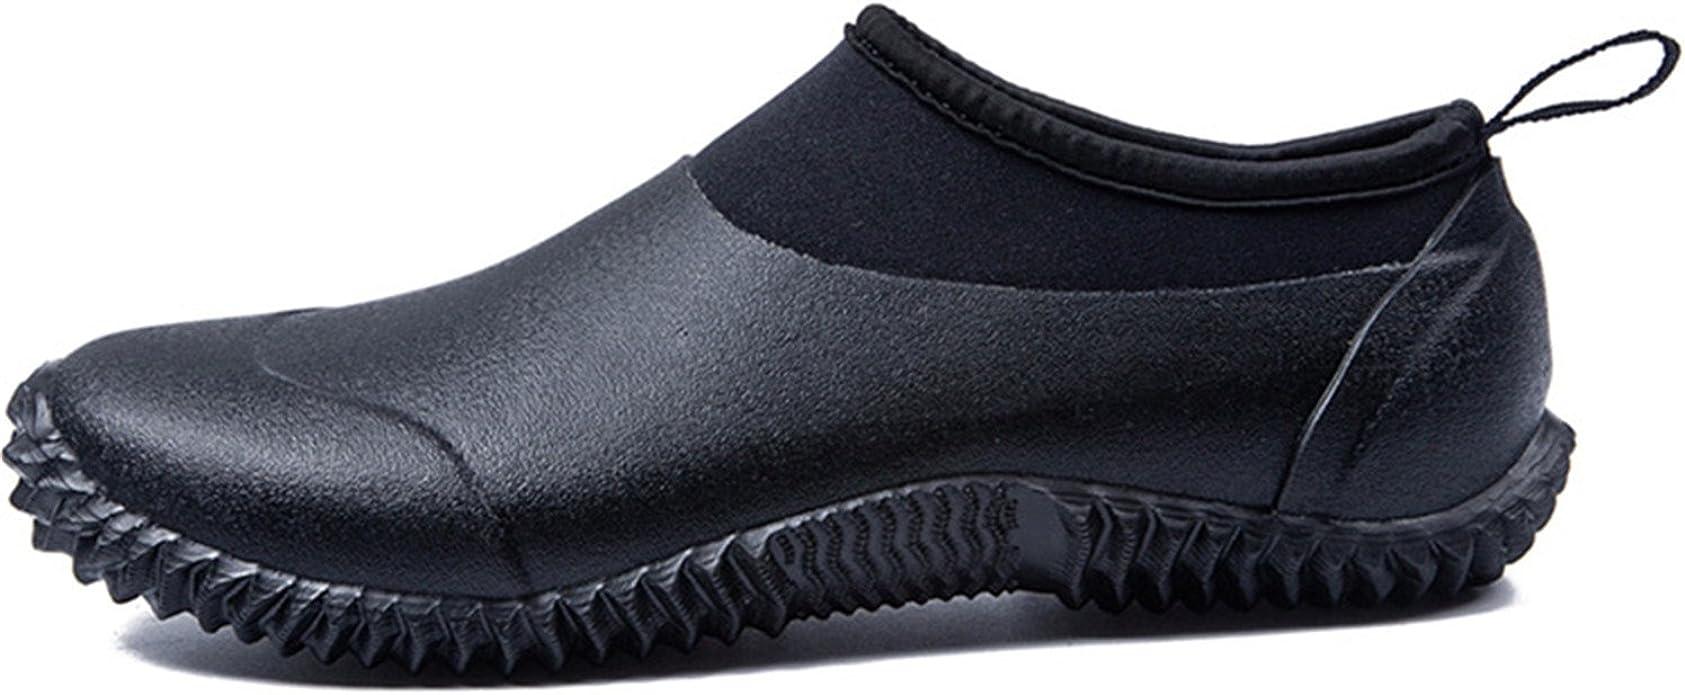 JOINFREE Chaussures imperm/éables /à Enfiler en n/éopr/ène pour Le Jardin//la Boue//lext/érieur Bottines de Pluie Bottes en Caoutchouc